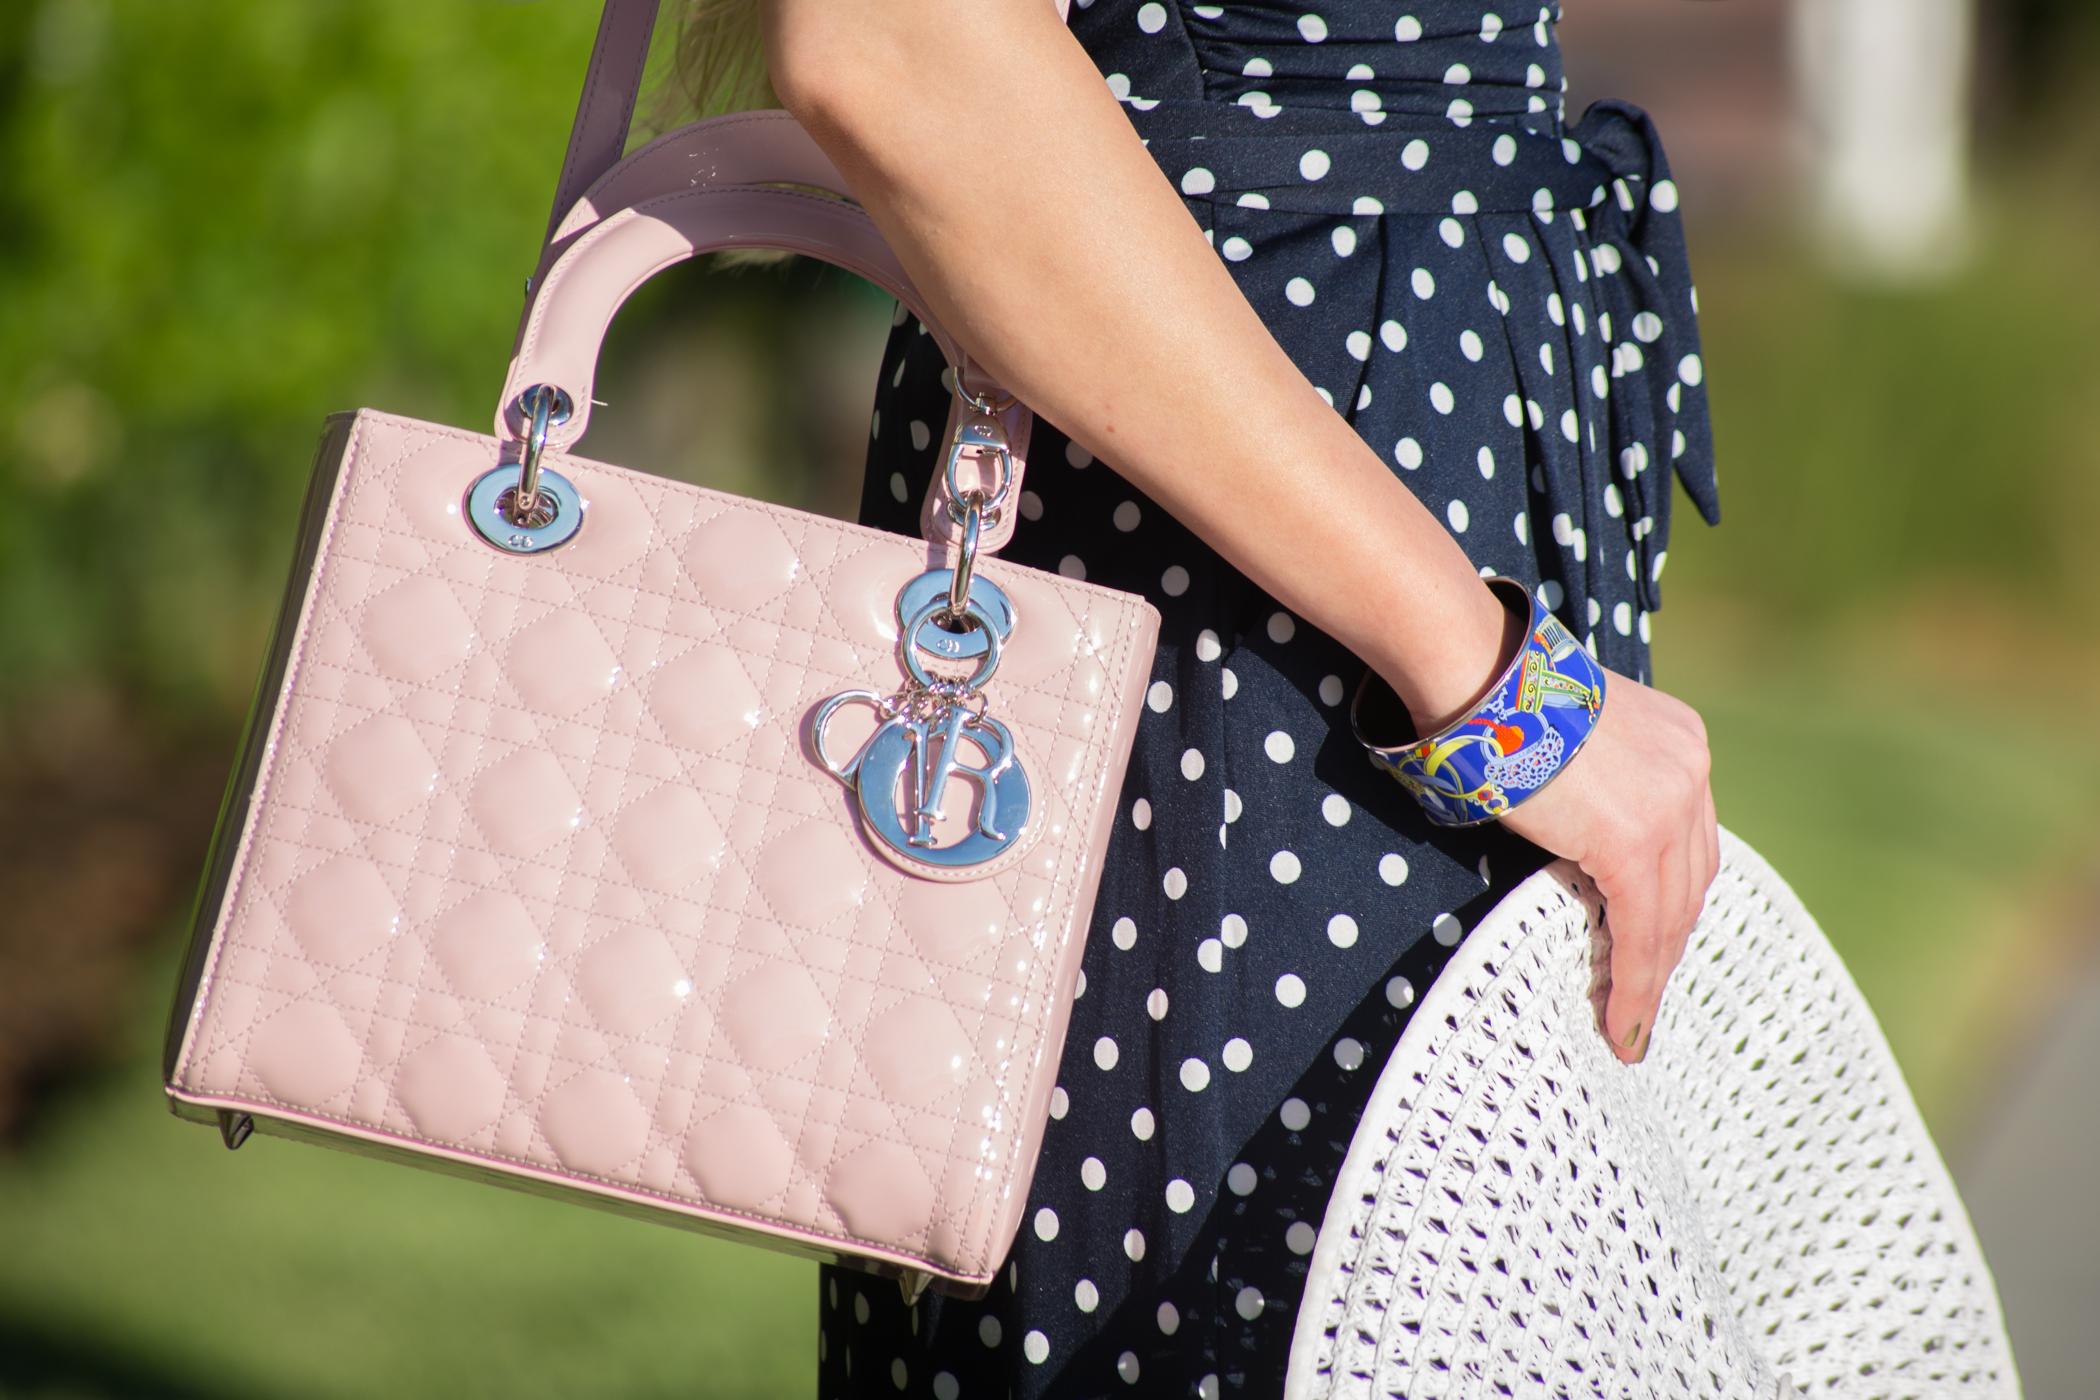 lady dior bag pink,polka dot dress,polka dot and pink,hermes bracelet